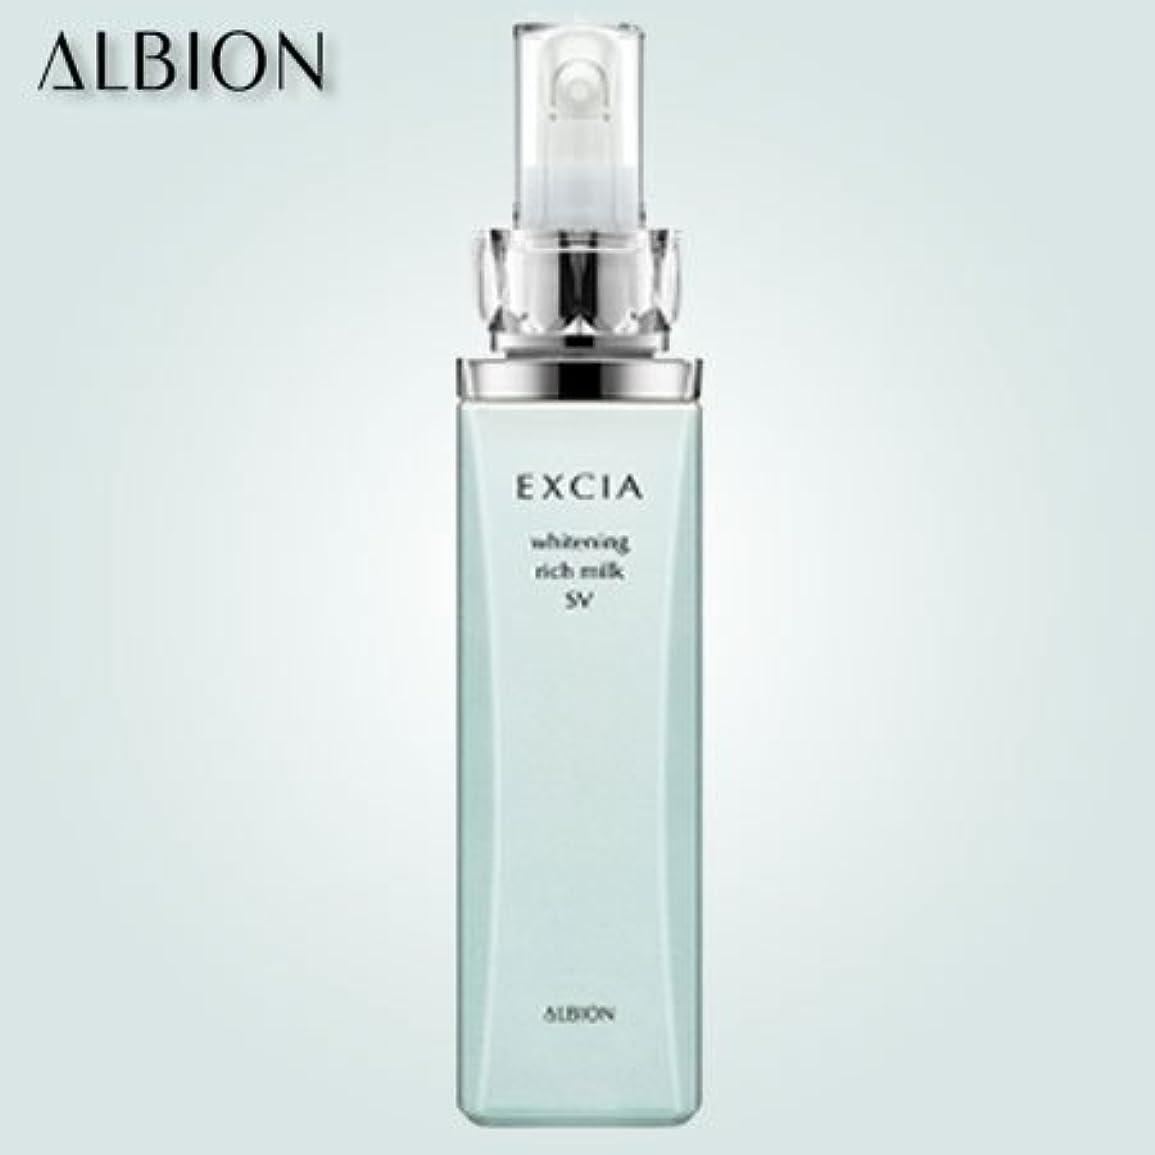 忌まわしいバイオリニスト記憶アルビオン エクシアAL ホワイトニング エクストラリッチミルク SV(ノーマル~ドライスキン用)200g-ALBION-